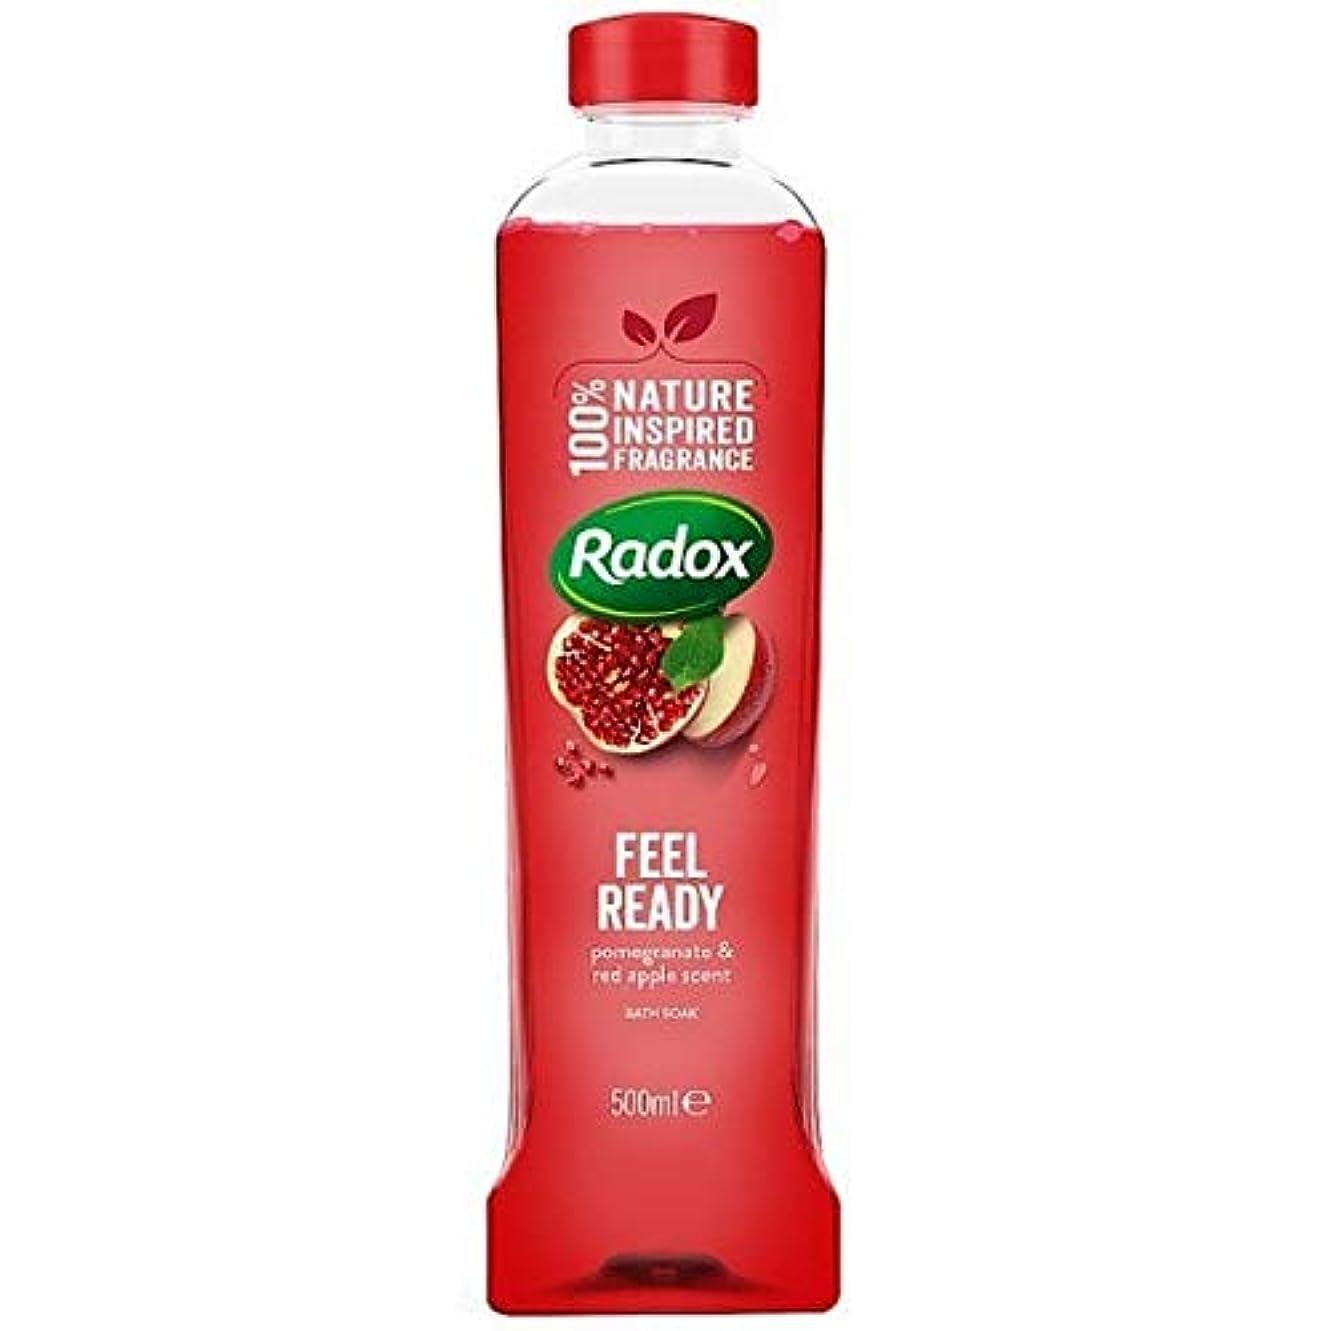 オプションアミューズメントブリーフケース[Radox] Radoxは500ミリリットルを浸し準備風呂を感じます - Radox Feel Ready Bath Soak 500ml [並行輸入品]